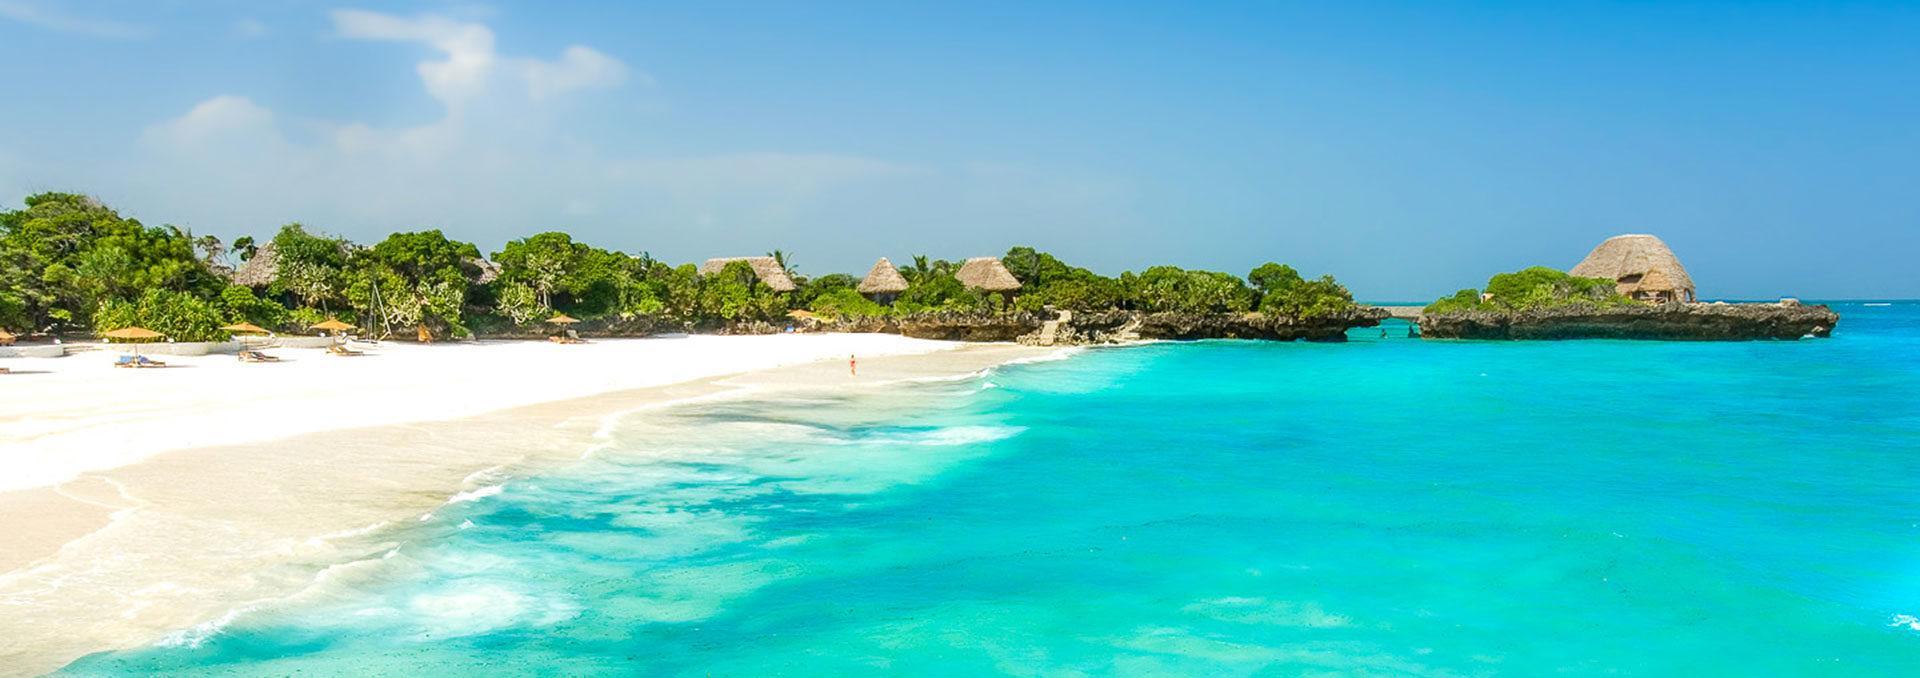 Mombasa, Kenya | Facts about Mombasa beach